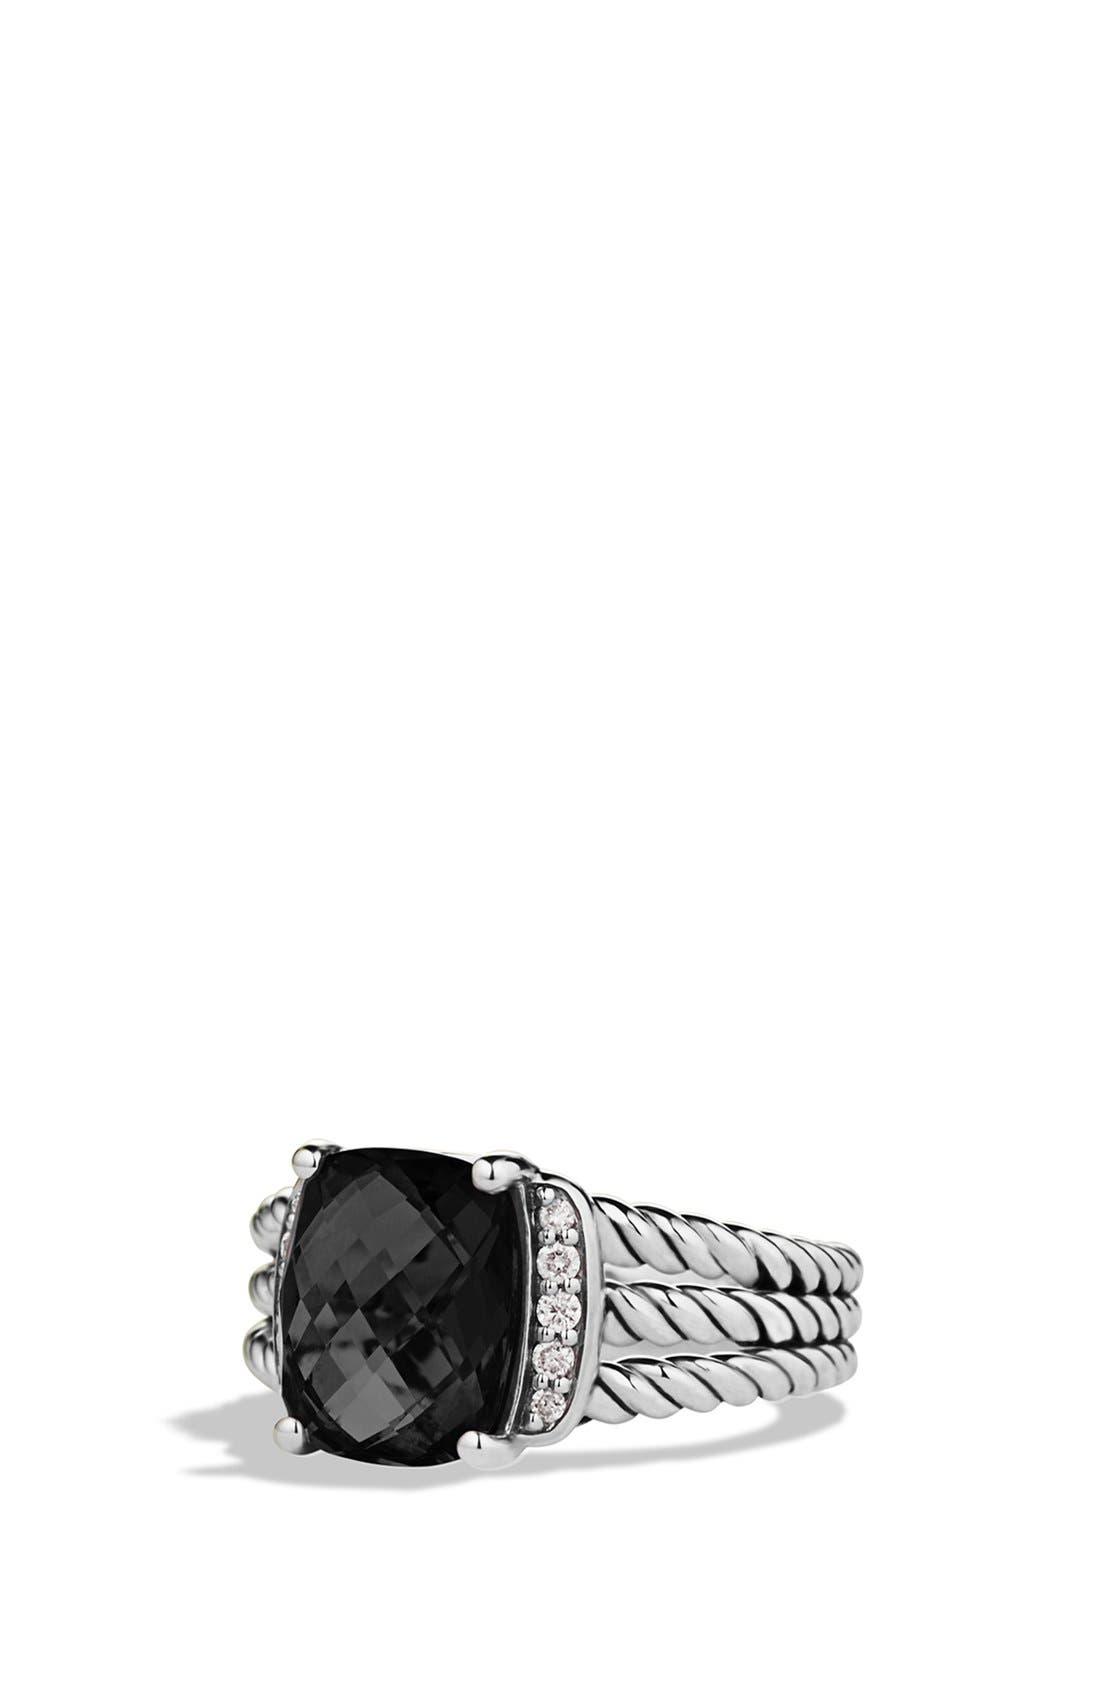 DAVID YURMAN 'Wheaton' Petite Ring with Semiprecious Stone & Diamonds, Main, color, BLACK ONYX